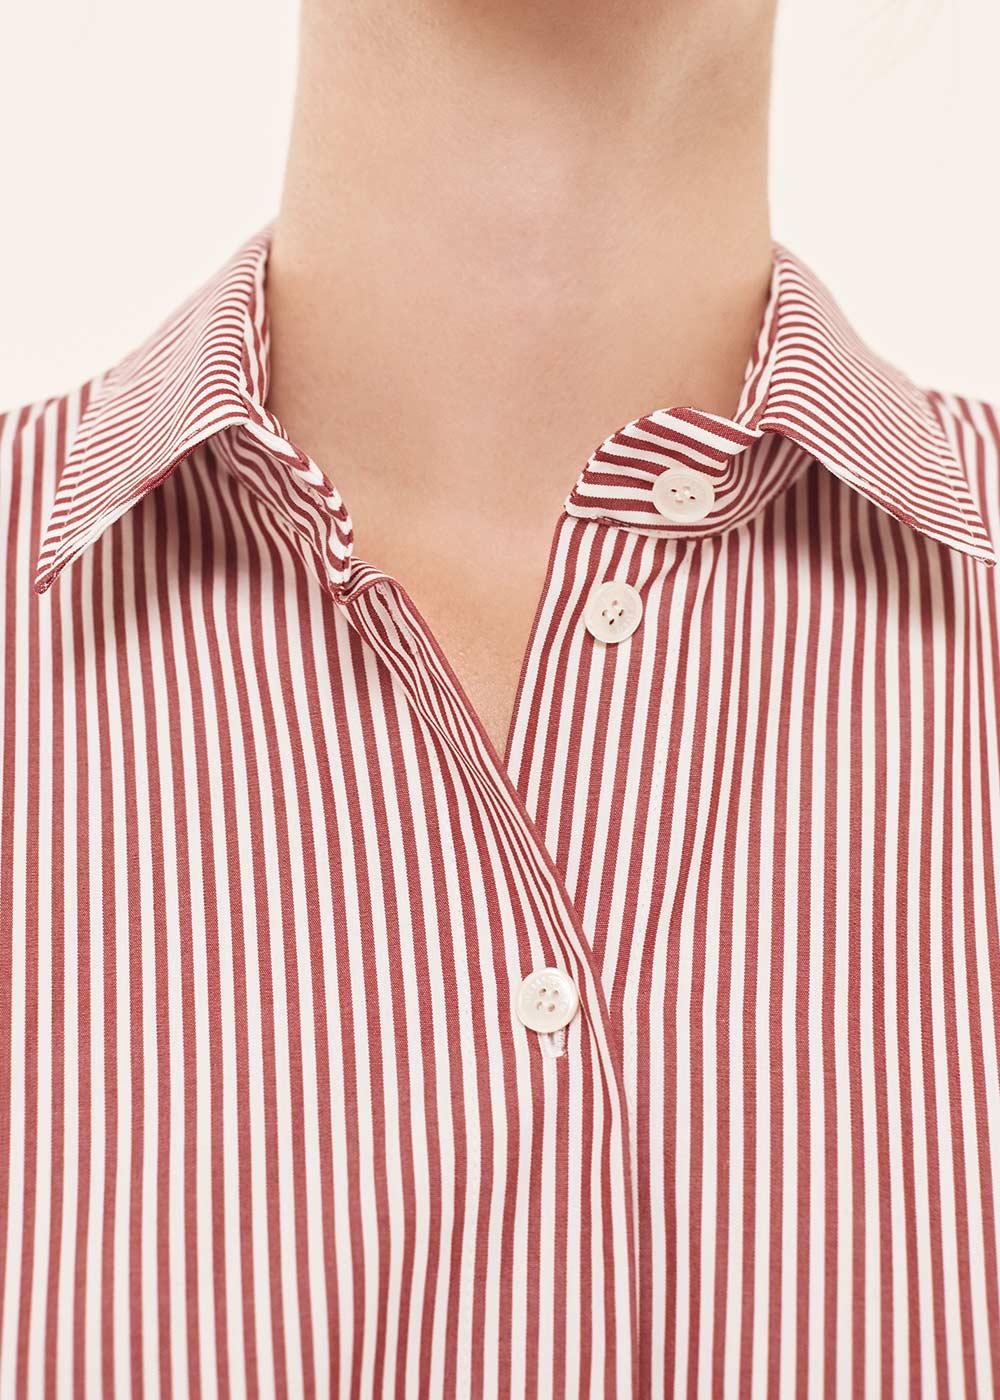 Burgundy Striped A-Line Shirt Dress - Alexander Lewis